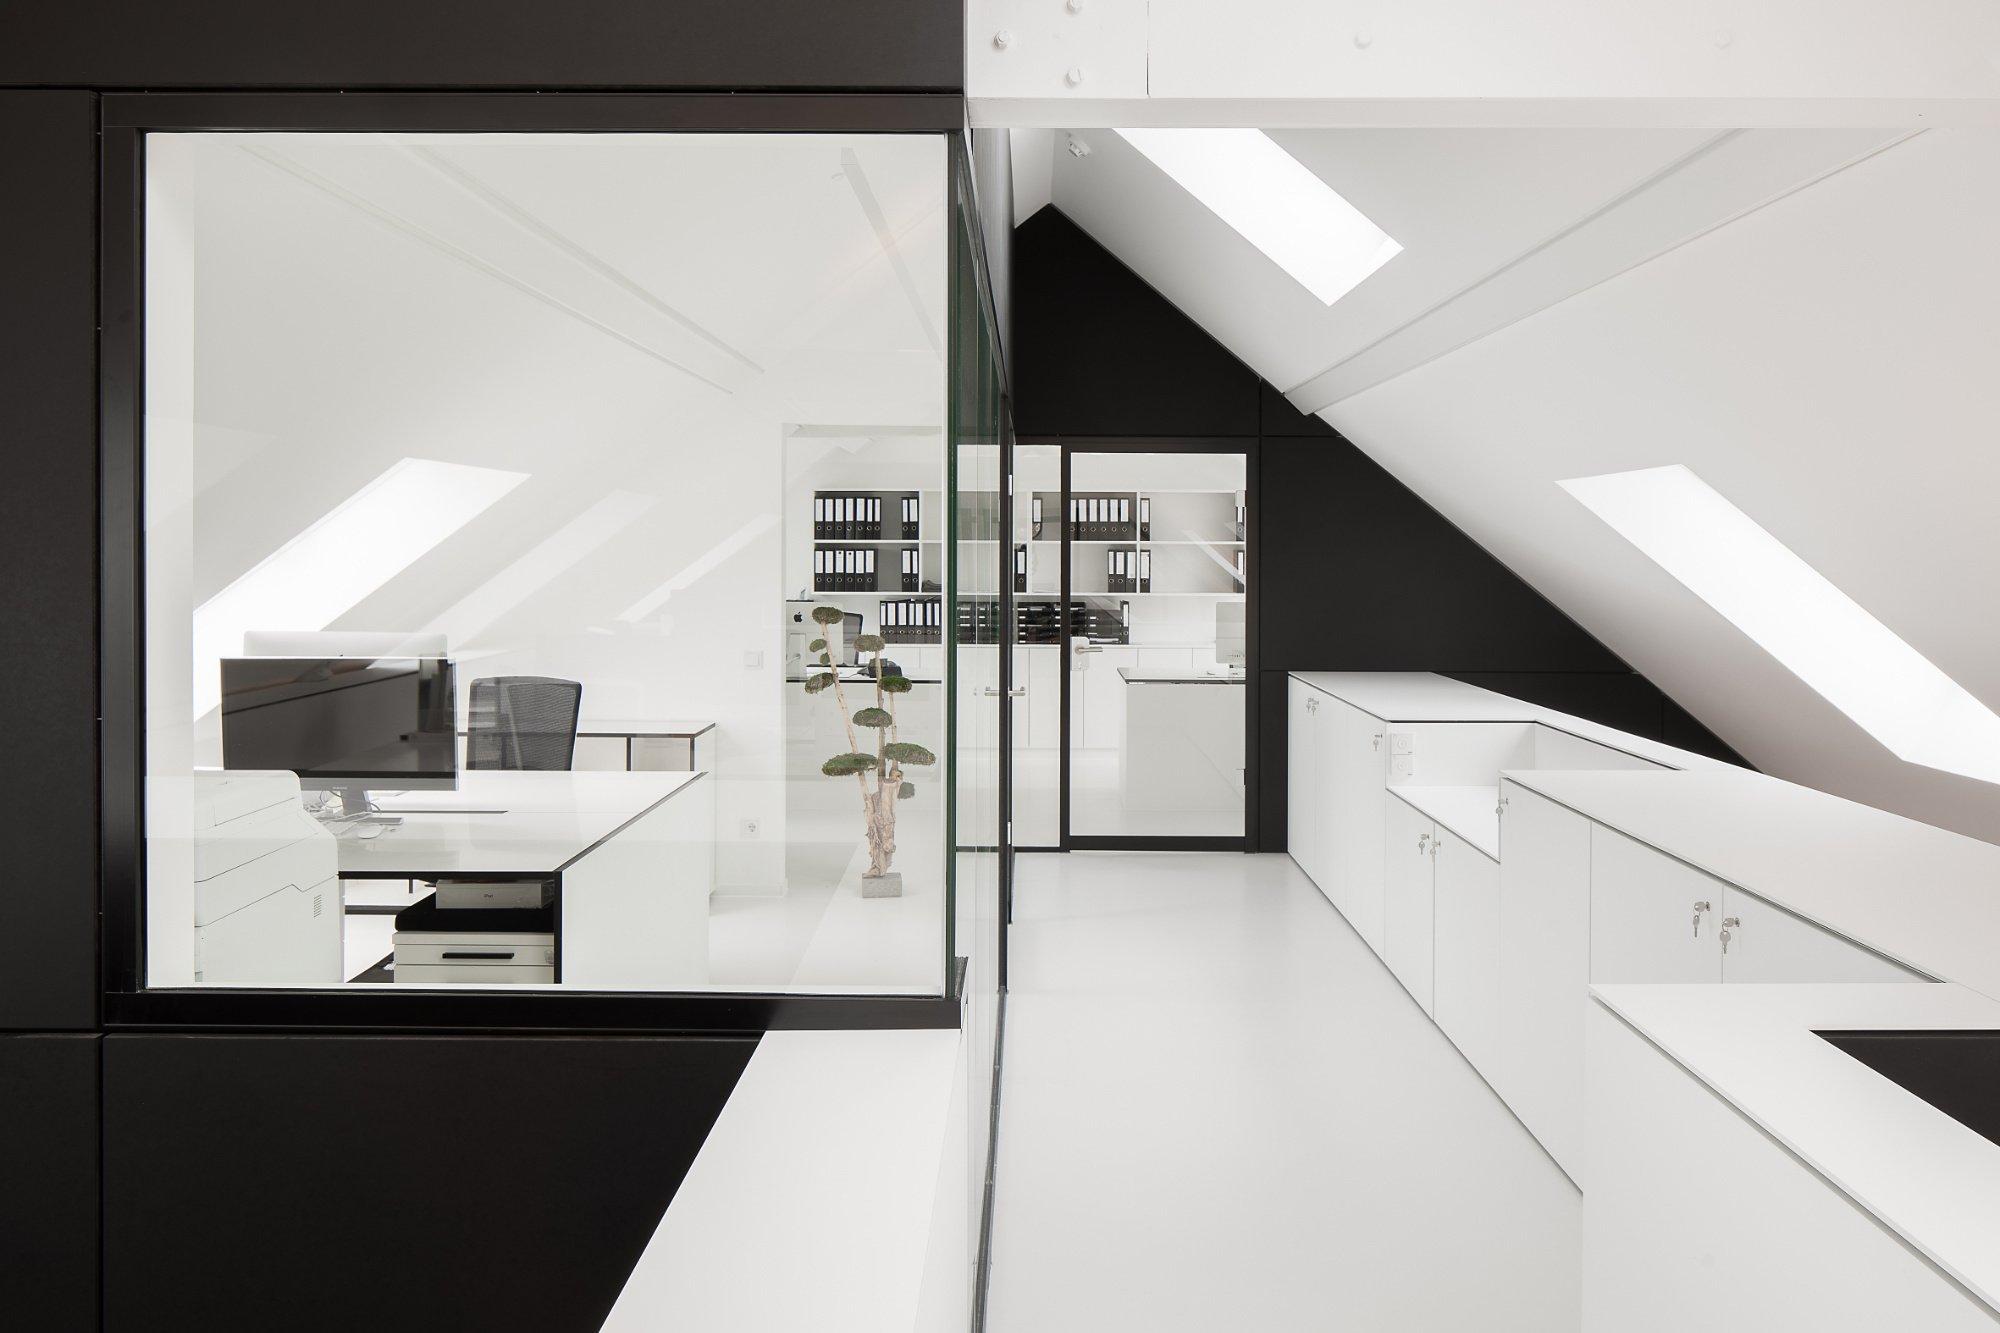 Im erweiterten Büro der Architekten von mo.studio aus Meerbusch trifft schwarz-weißes Interior auf die alte Bausubstanz eines Bauernhofs.